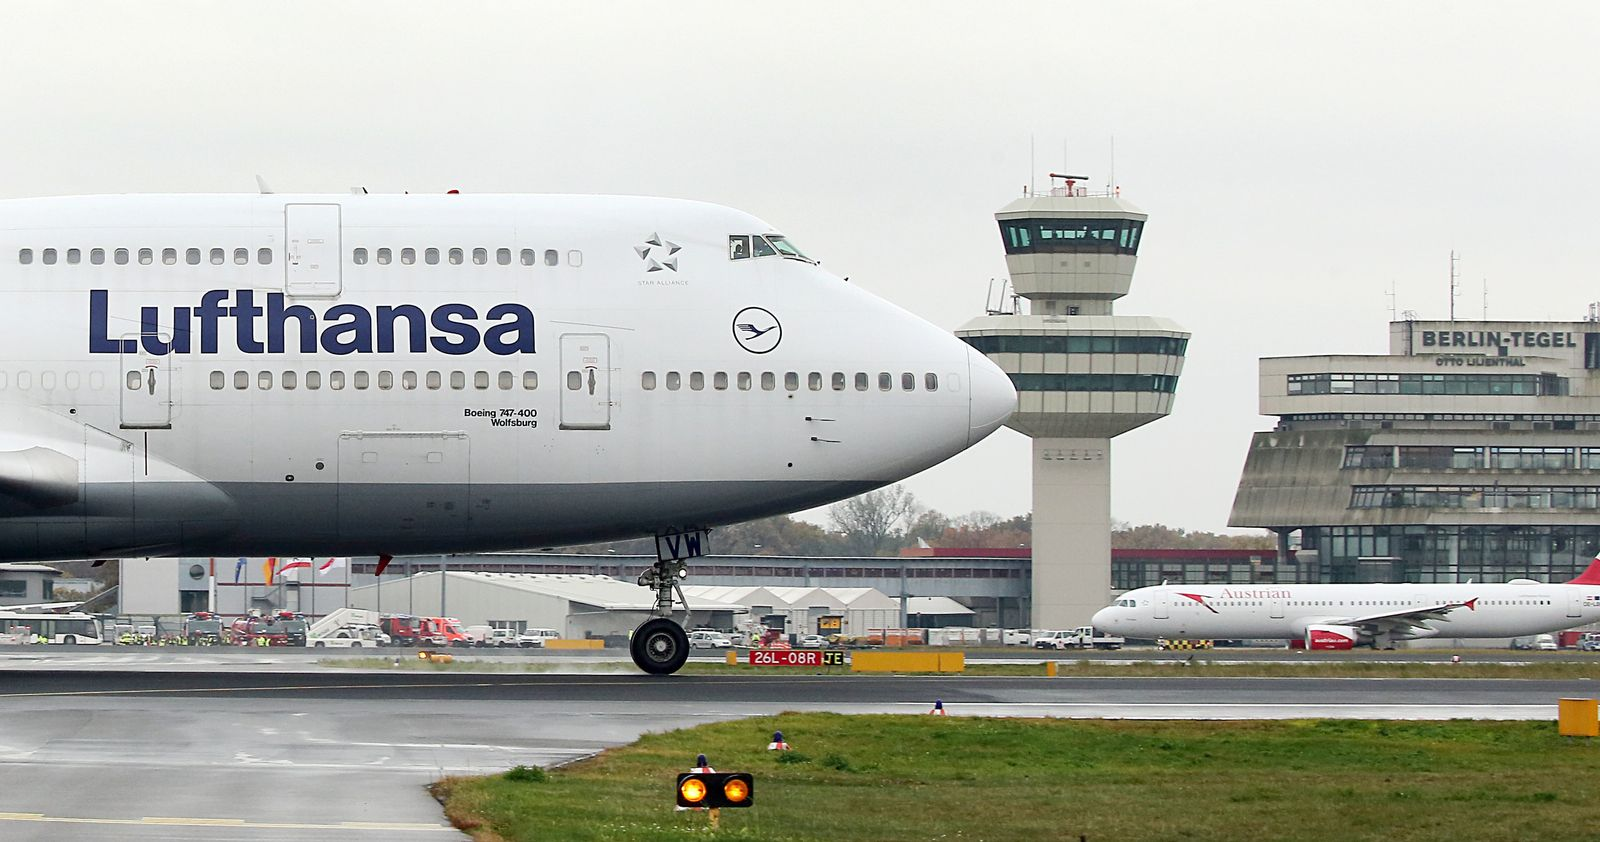 Lufthansa fliegt mit Jumbo-Jet nach Berlin